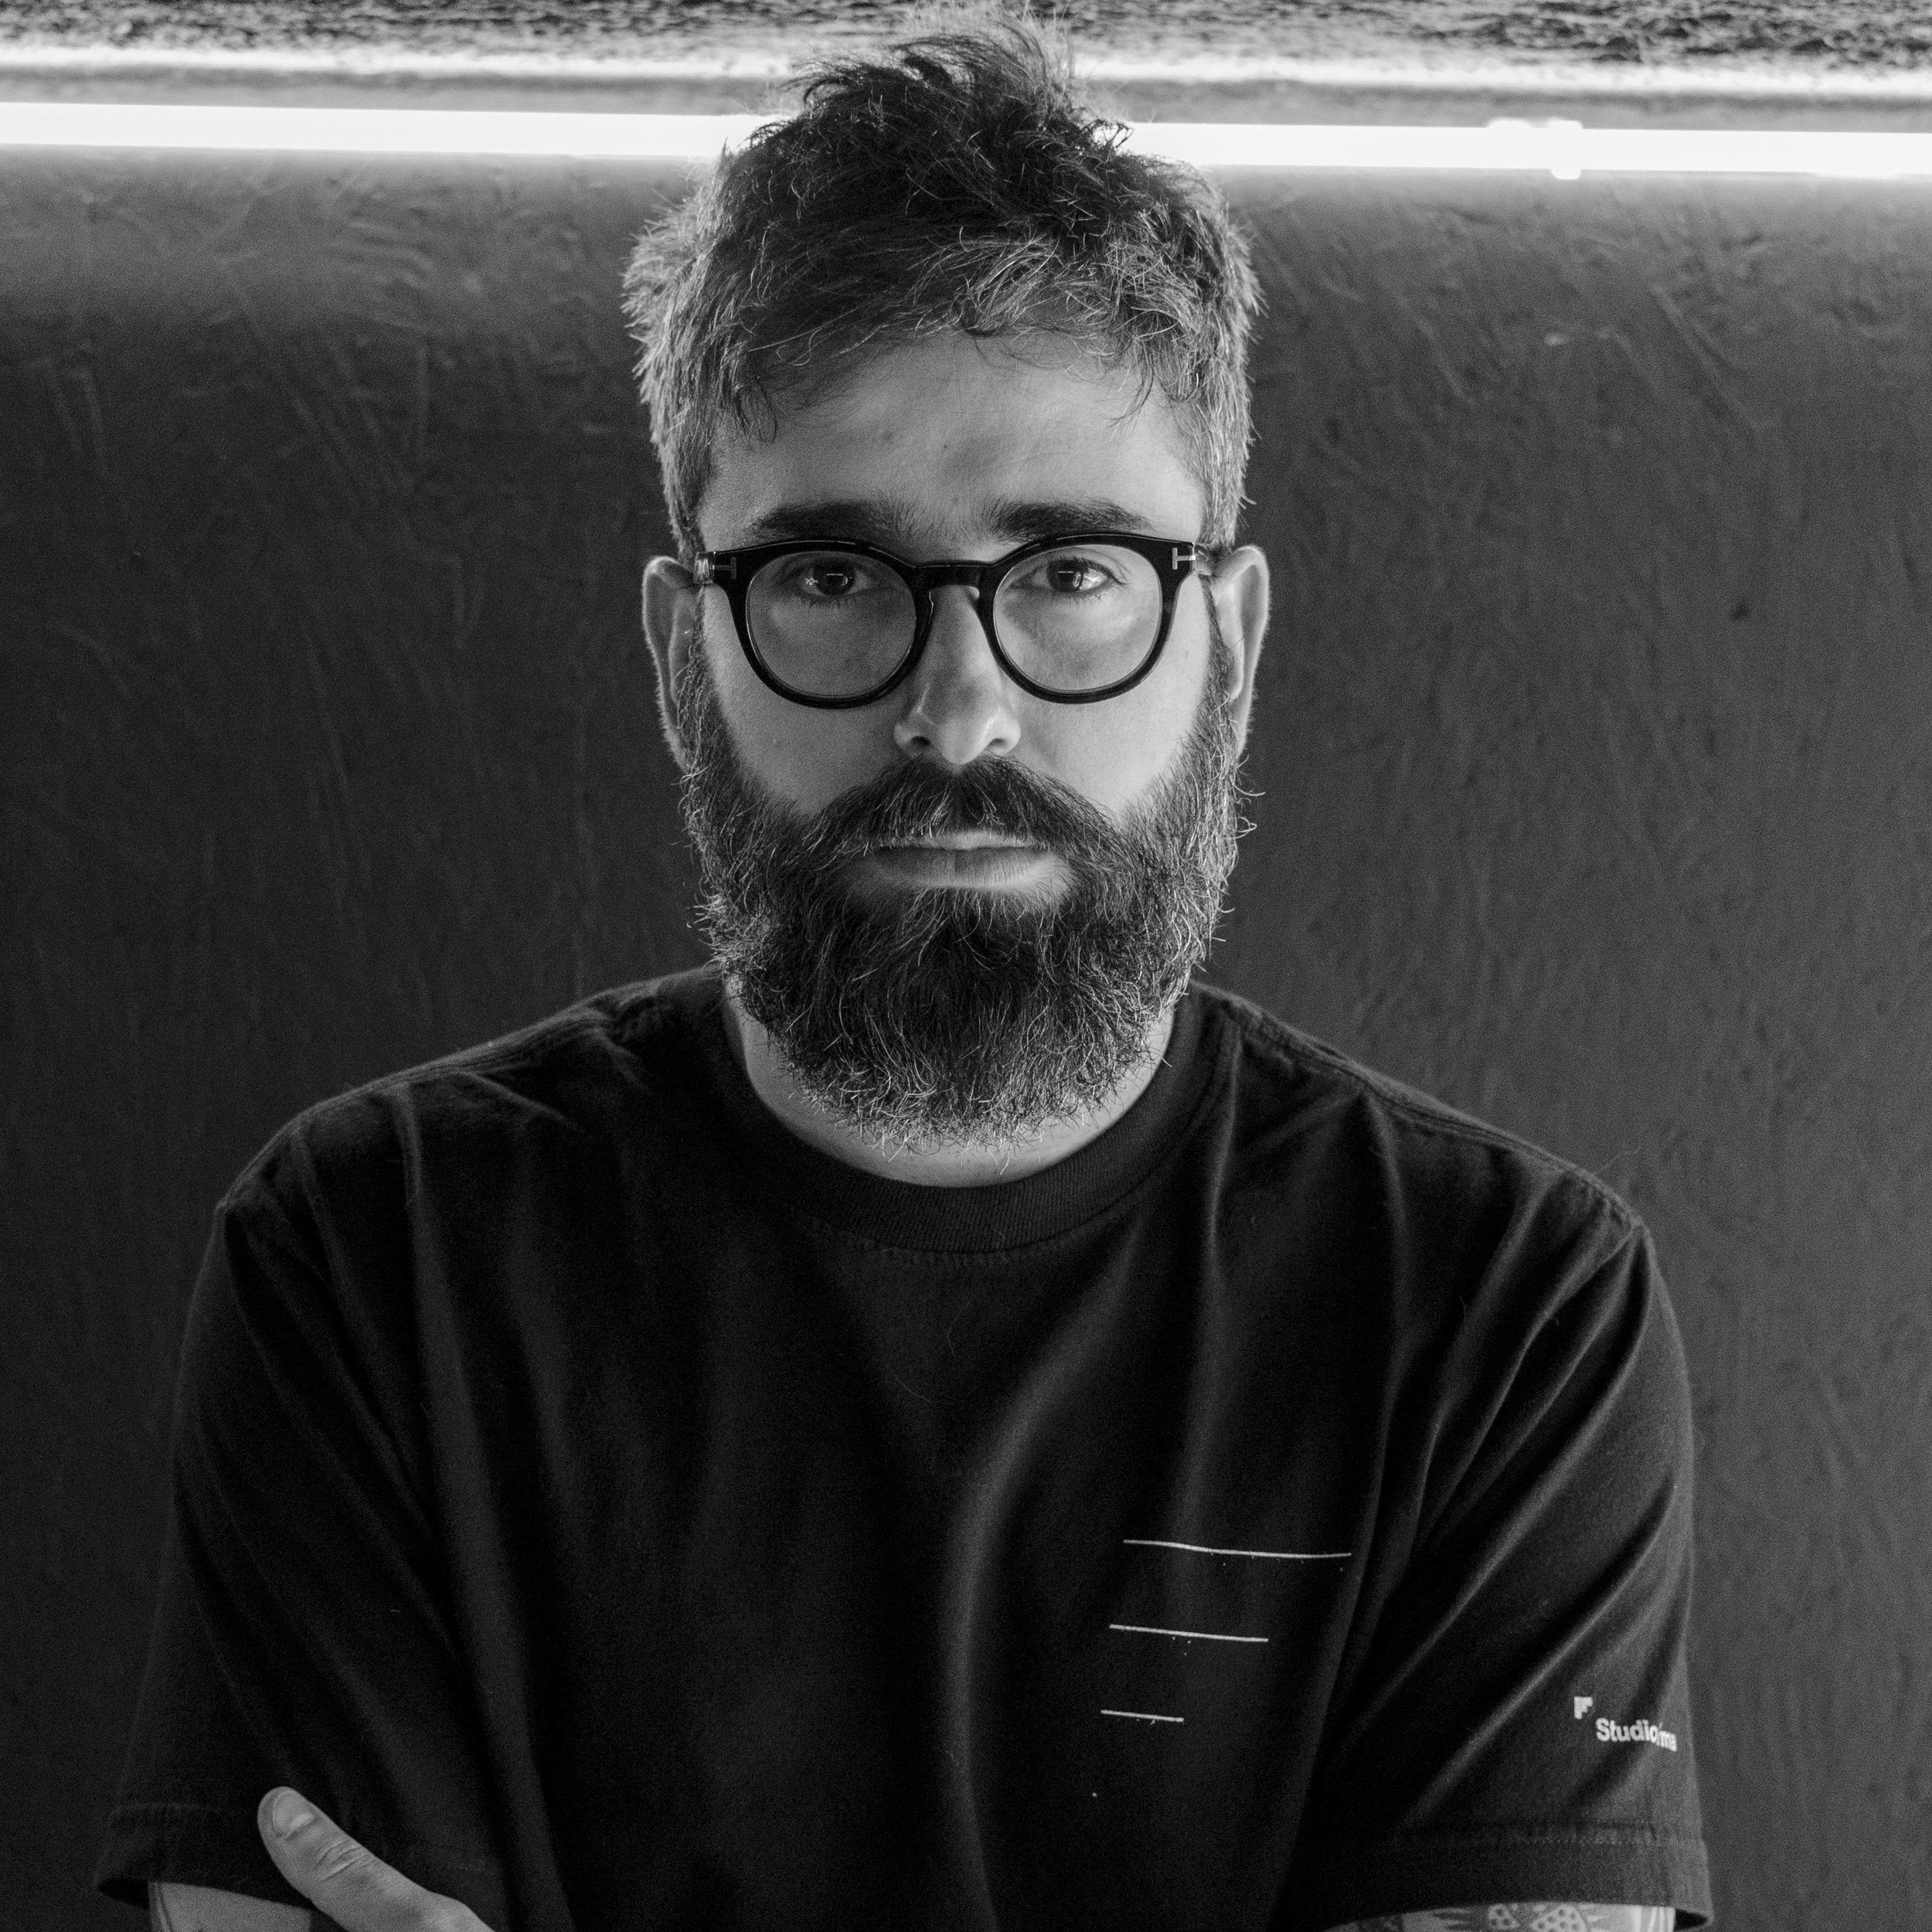 """Jonny Madruga   @jonnymadruga , sócio fundador e head de criação.  Publicitário, trabalha com moda há mais de 15 anos e é uma das mentes brilhantes por trás dos projetos que a gente mostra por aqui. Também conhecido por aqui como """"Ticolô"""", torcedor fanático do SPFC. Apesar de toda a cerveja no Bar do Biro ele é triatleta e vai fazer seu primeiro Ironman no final desse ano!"""